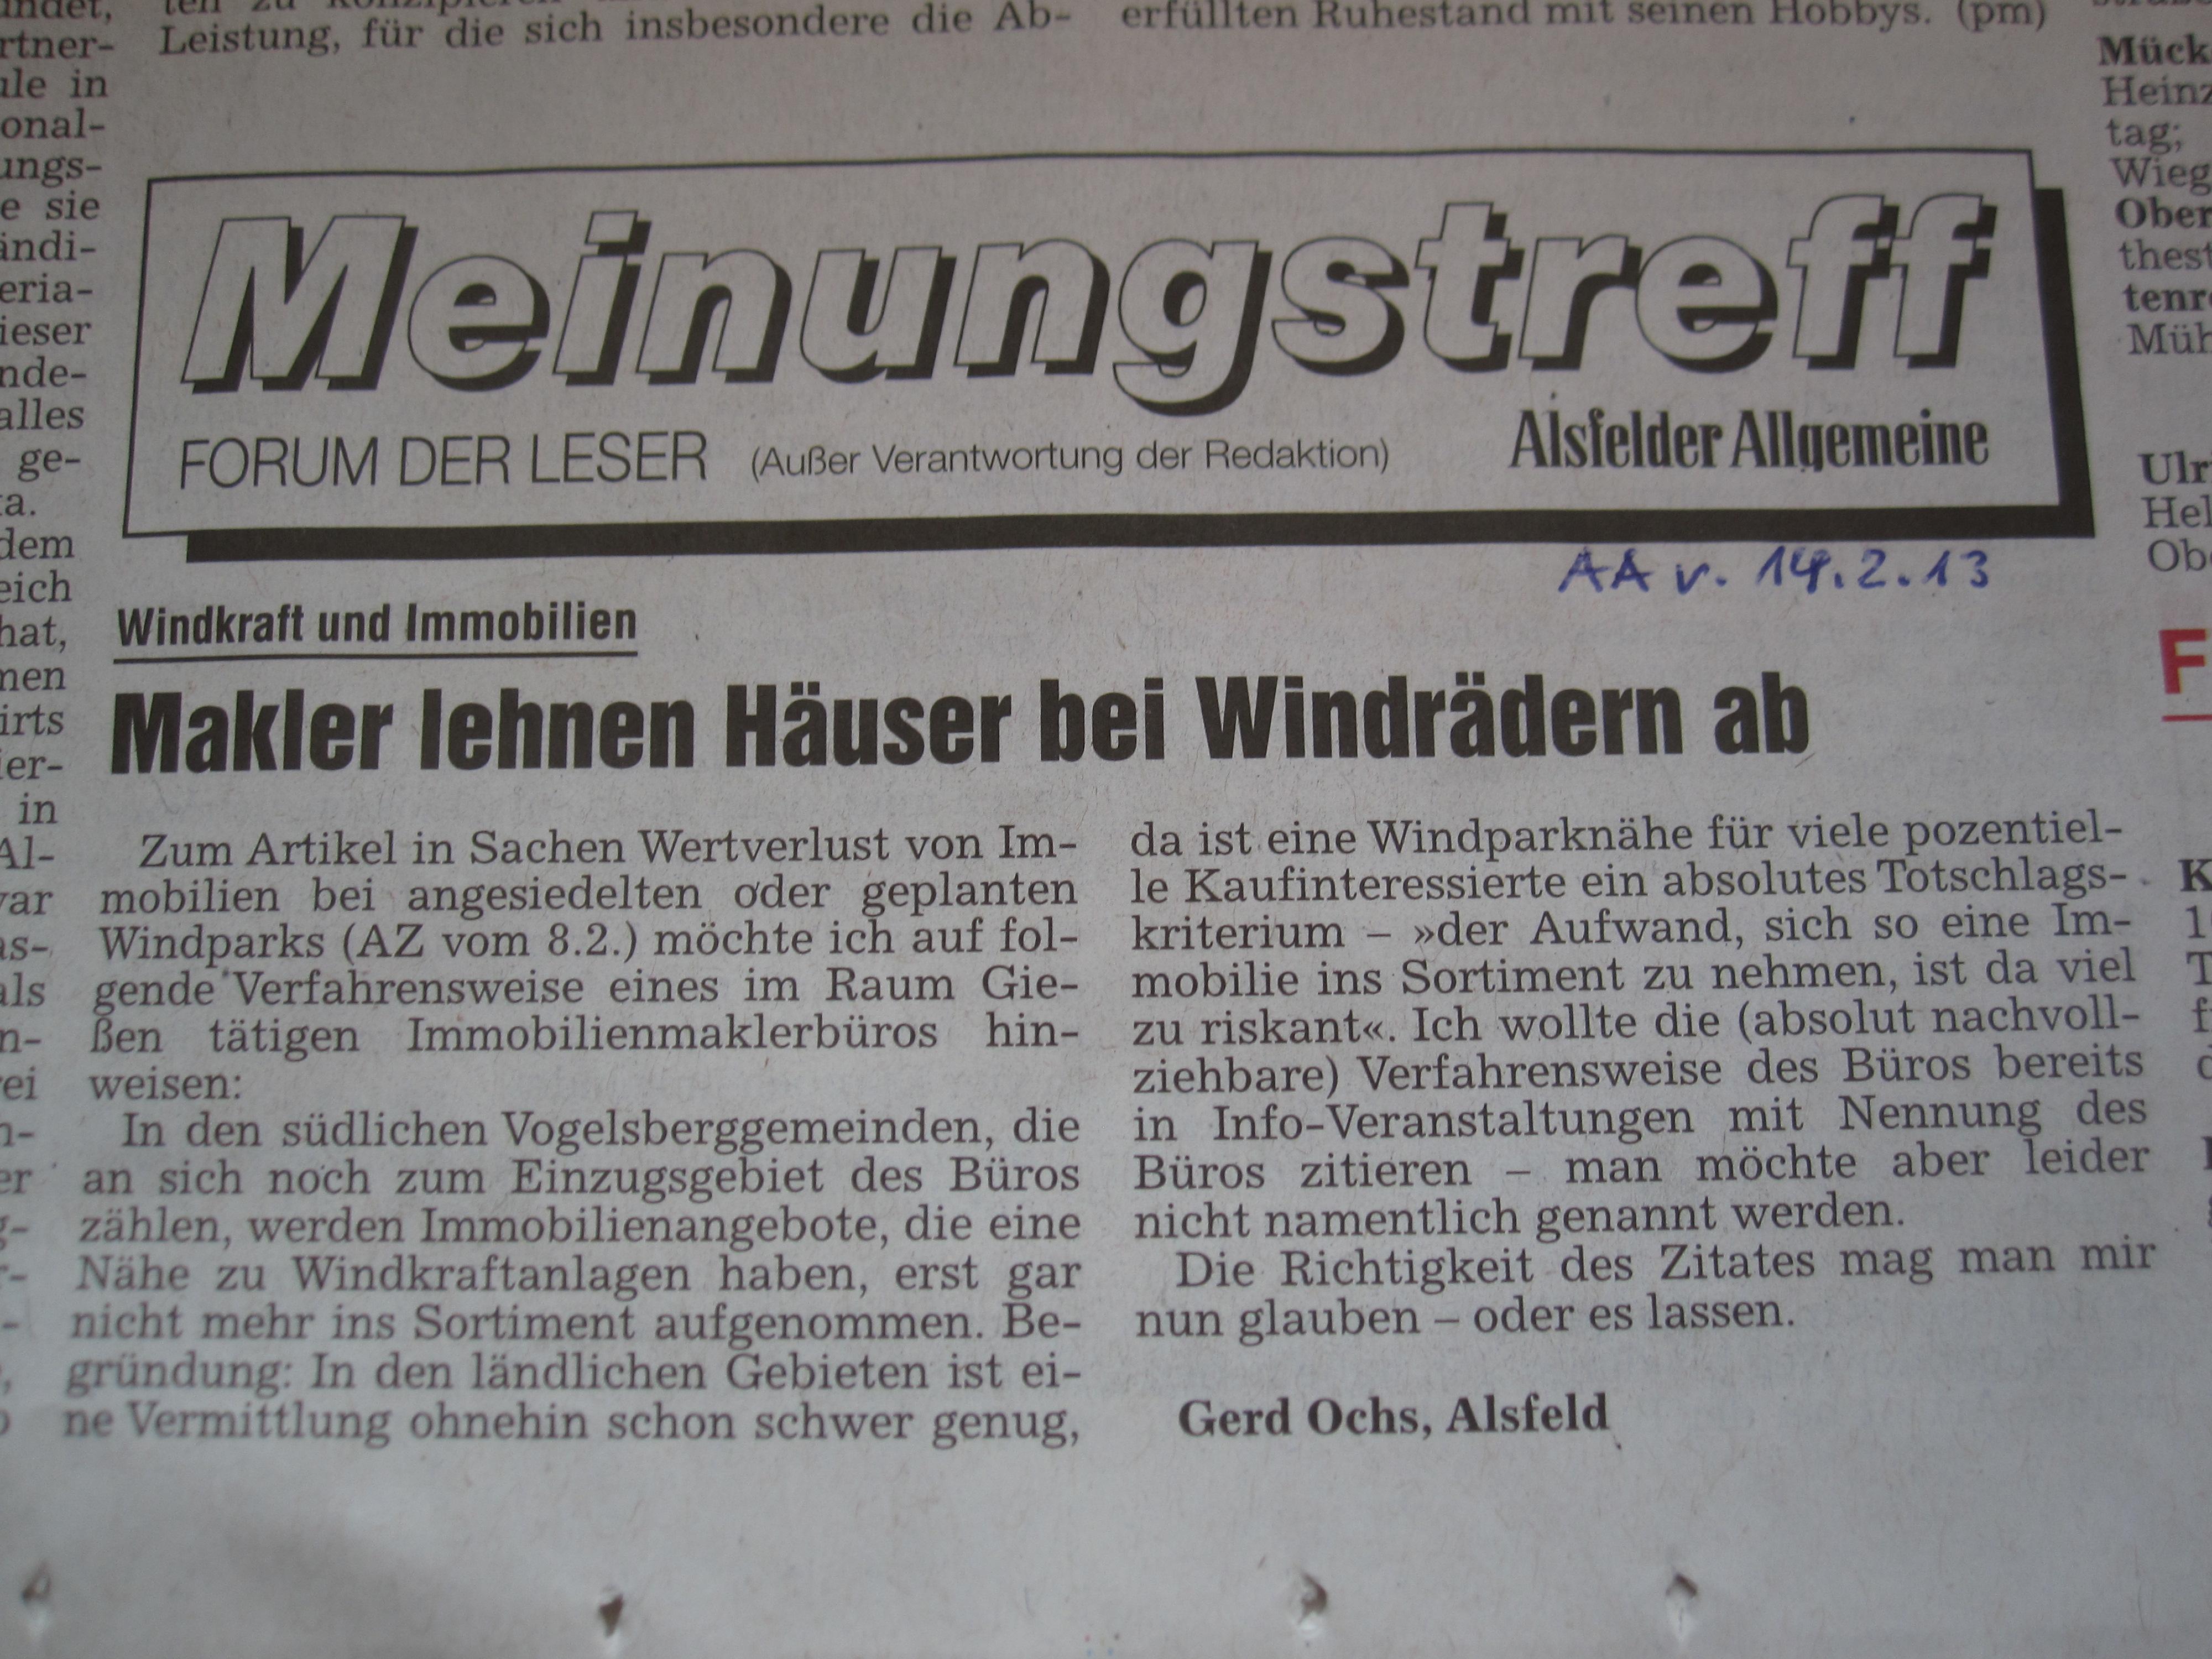 2013.02.14-AA-Leserbrief Immobilien Gerd Ochs